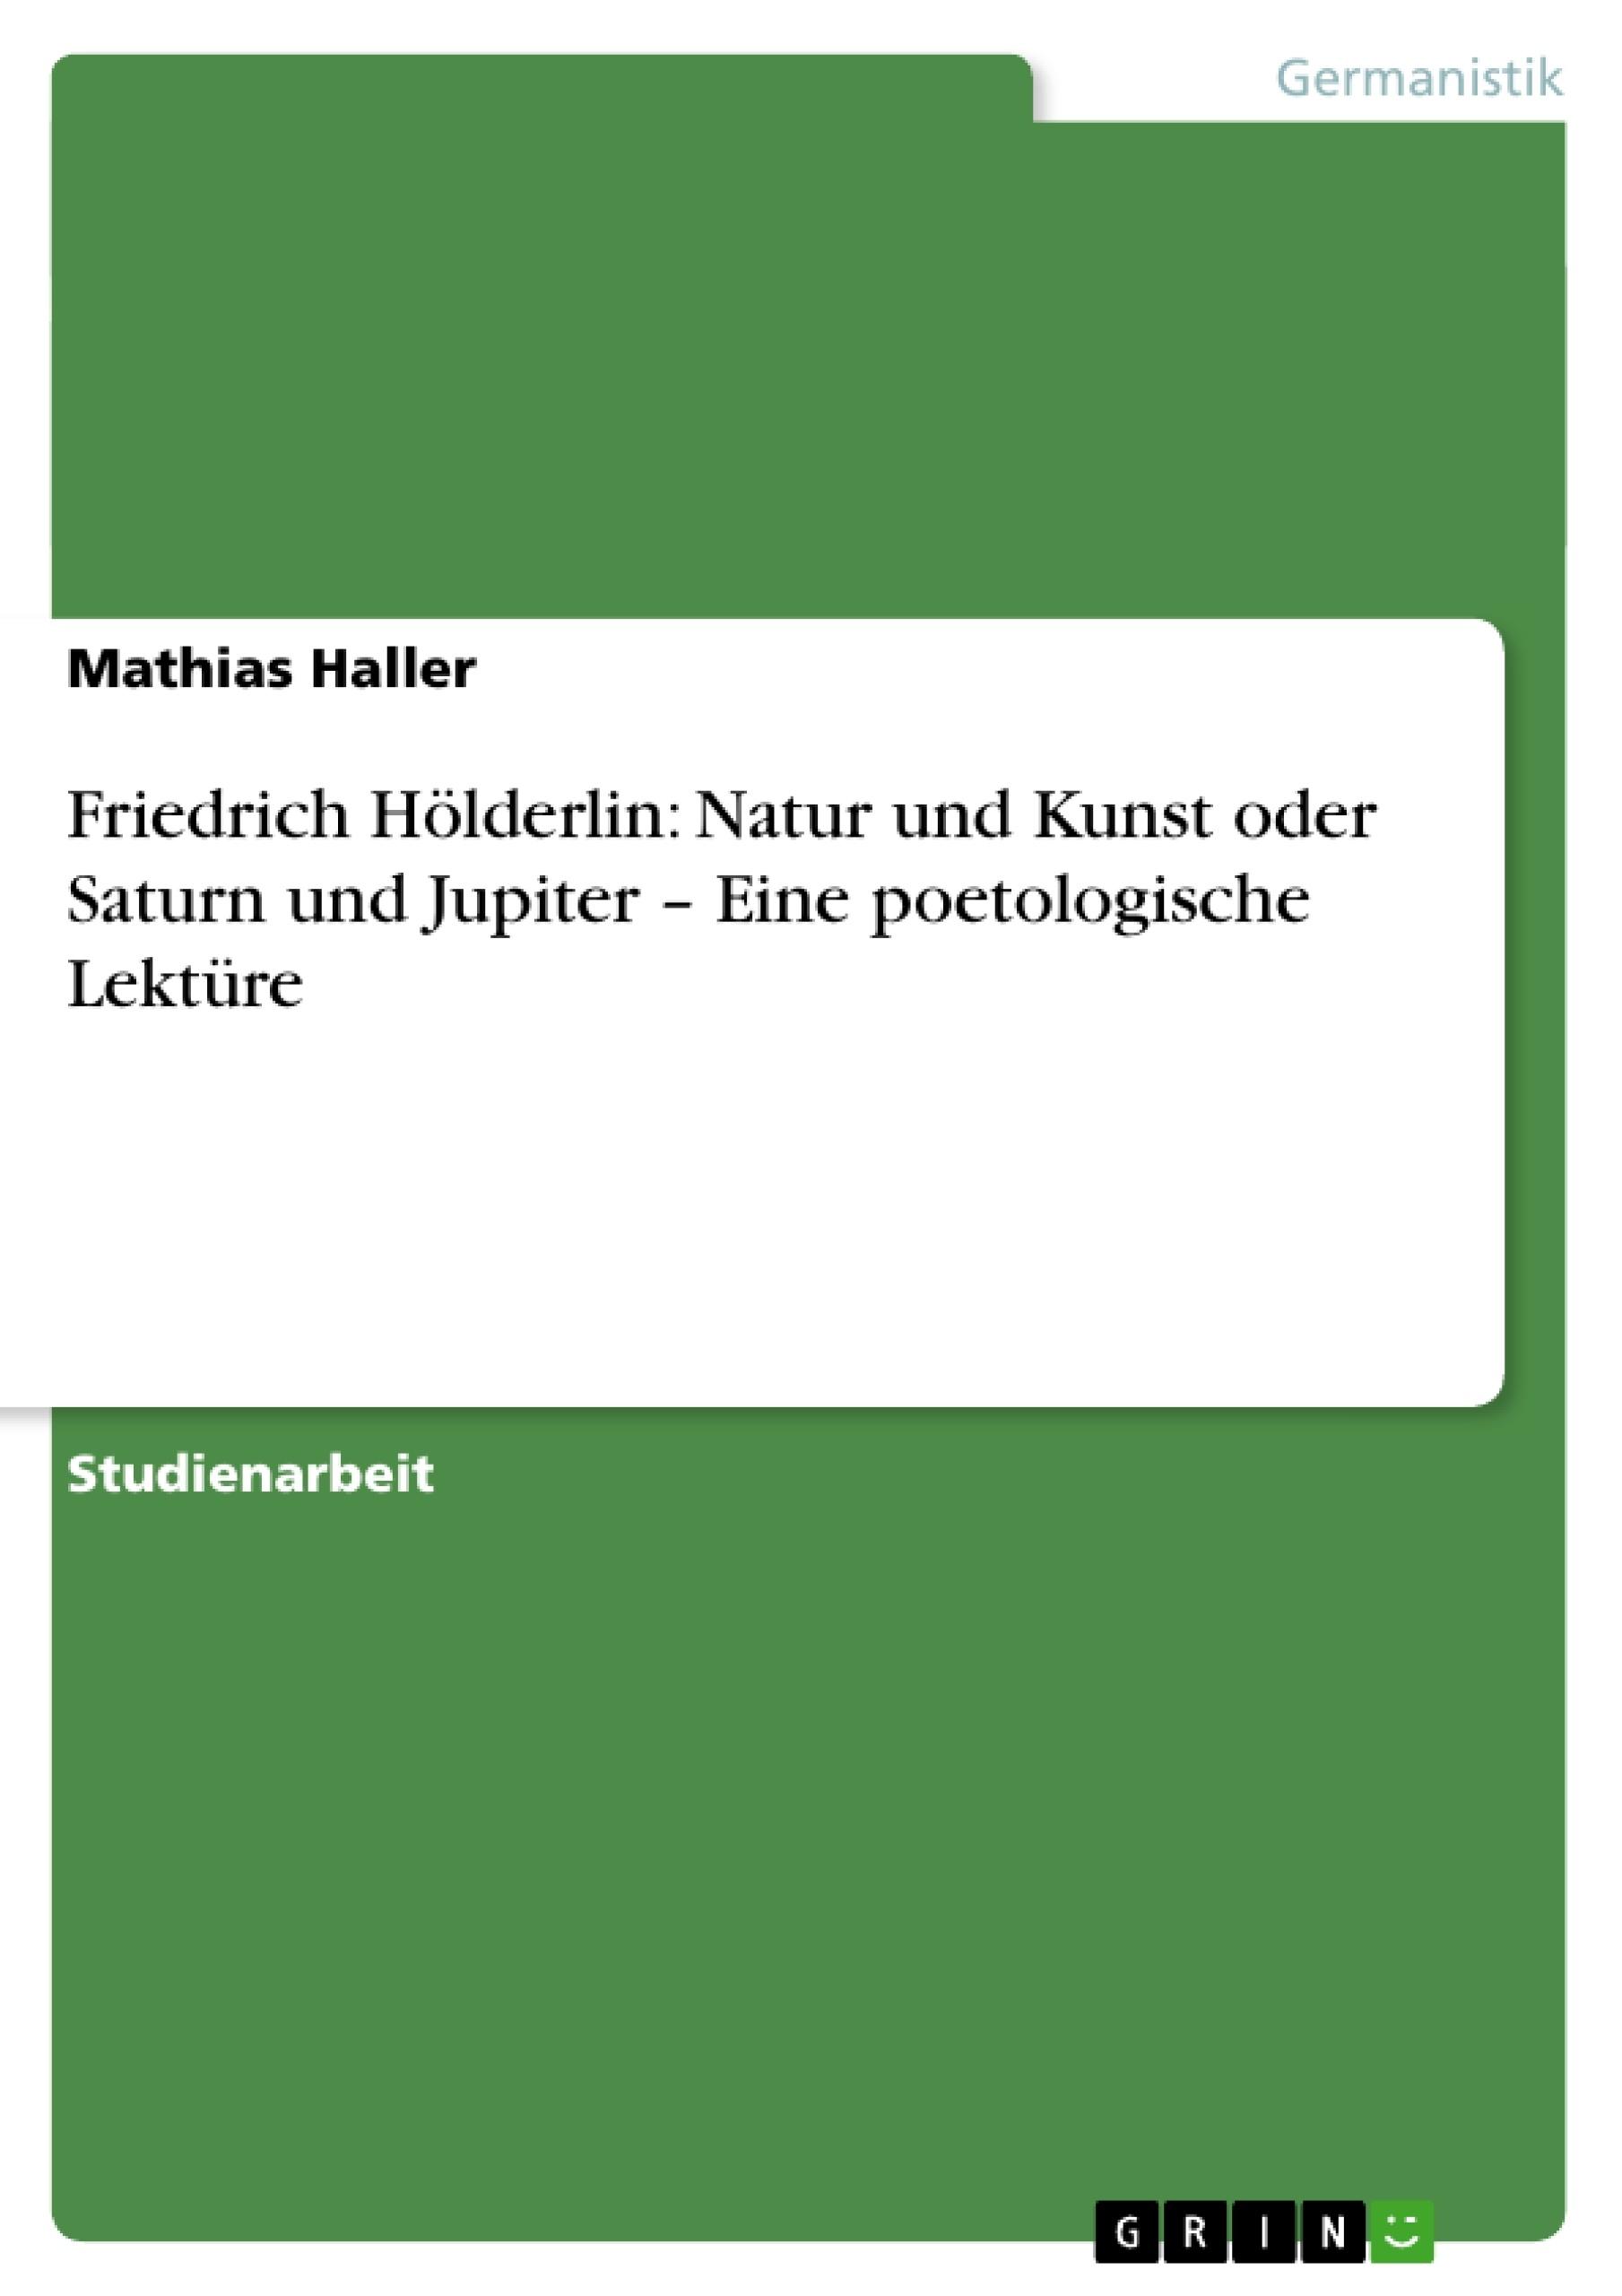 Titel: Friedrich Hölderlin: Natur und Kunst oder Saturn und Jupiter – Eine poetologische Lektüre